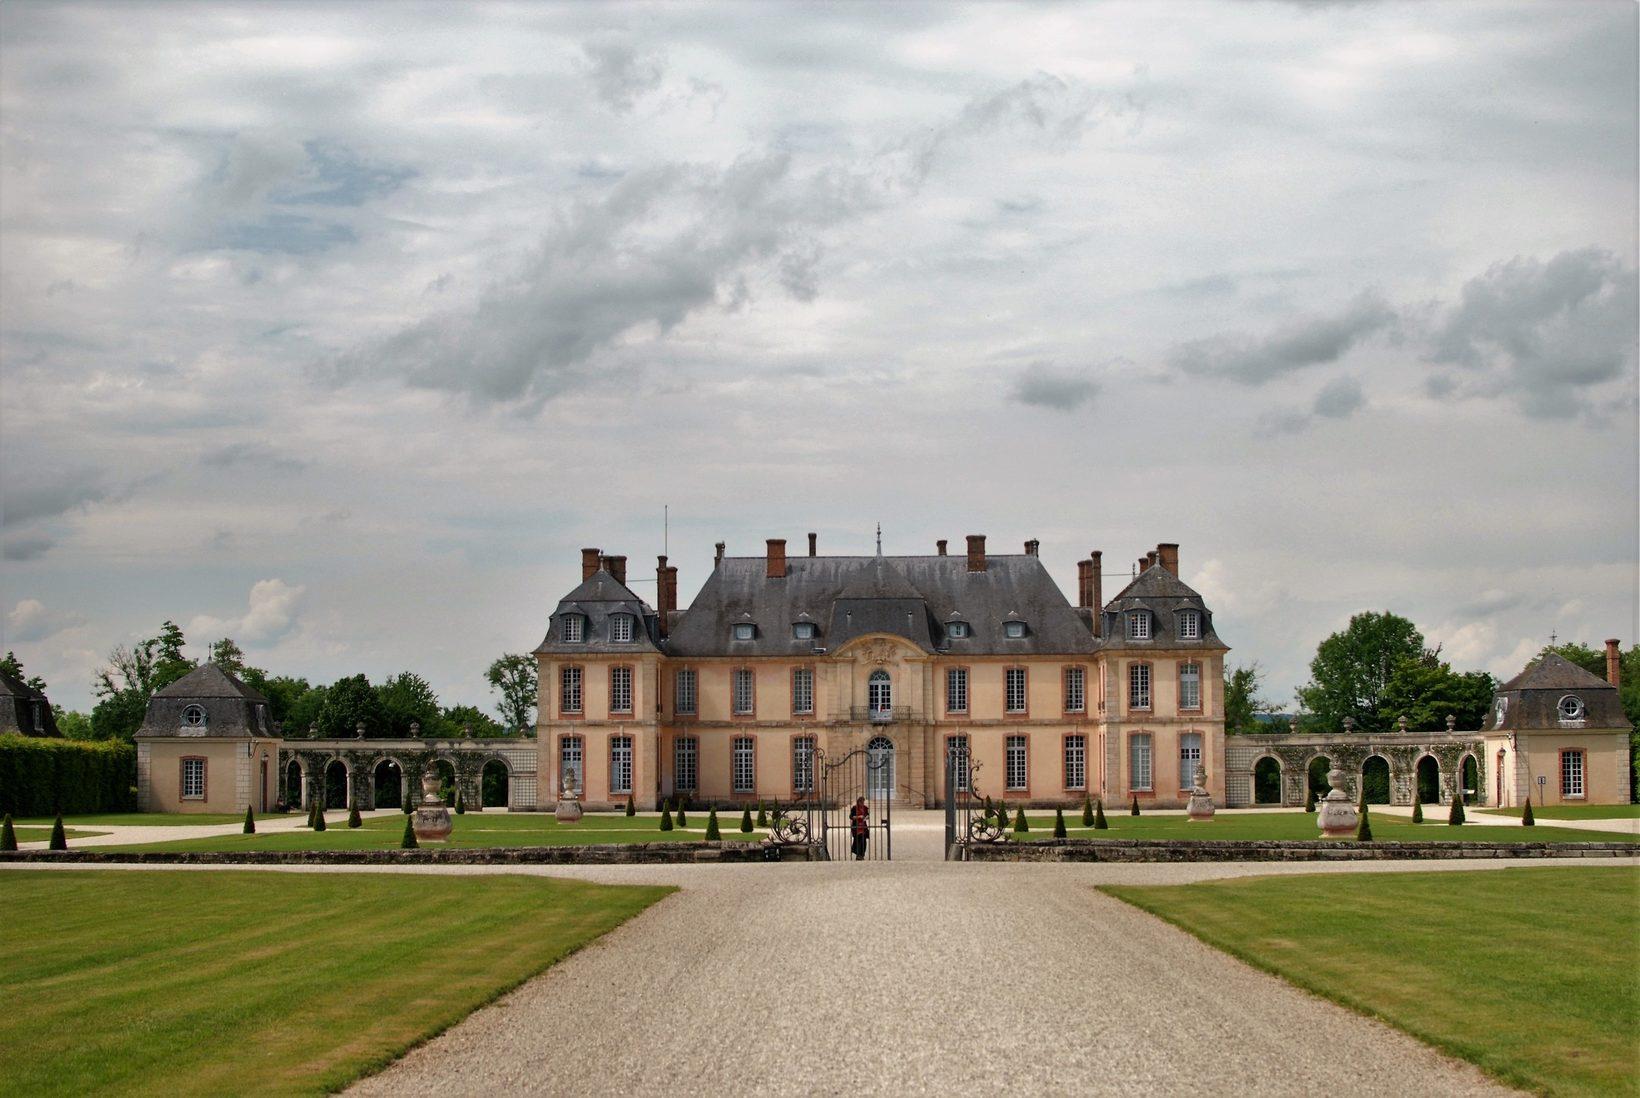 Chateau la Motte Tilly